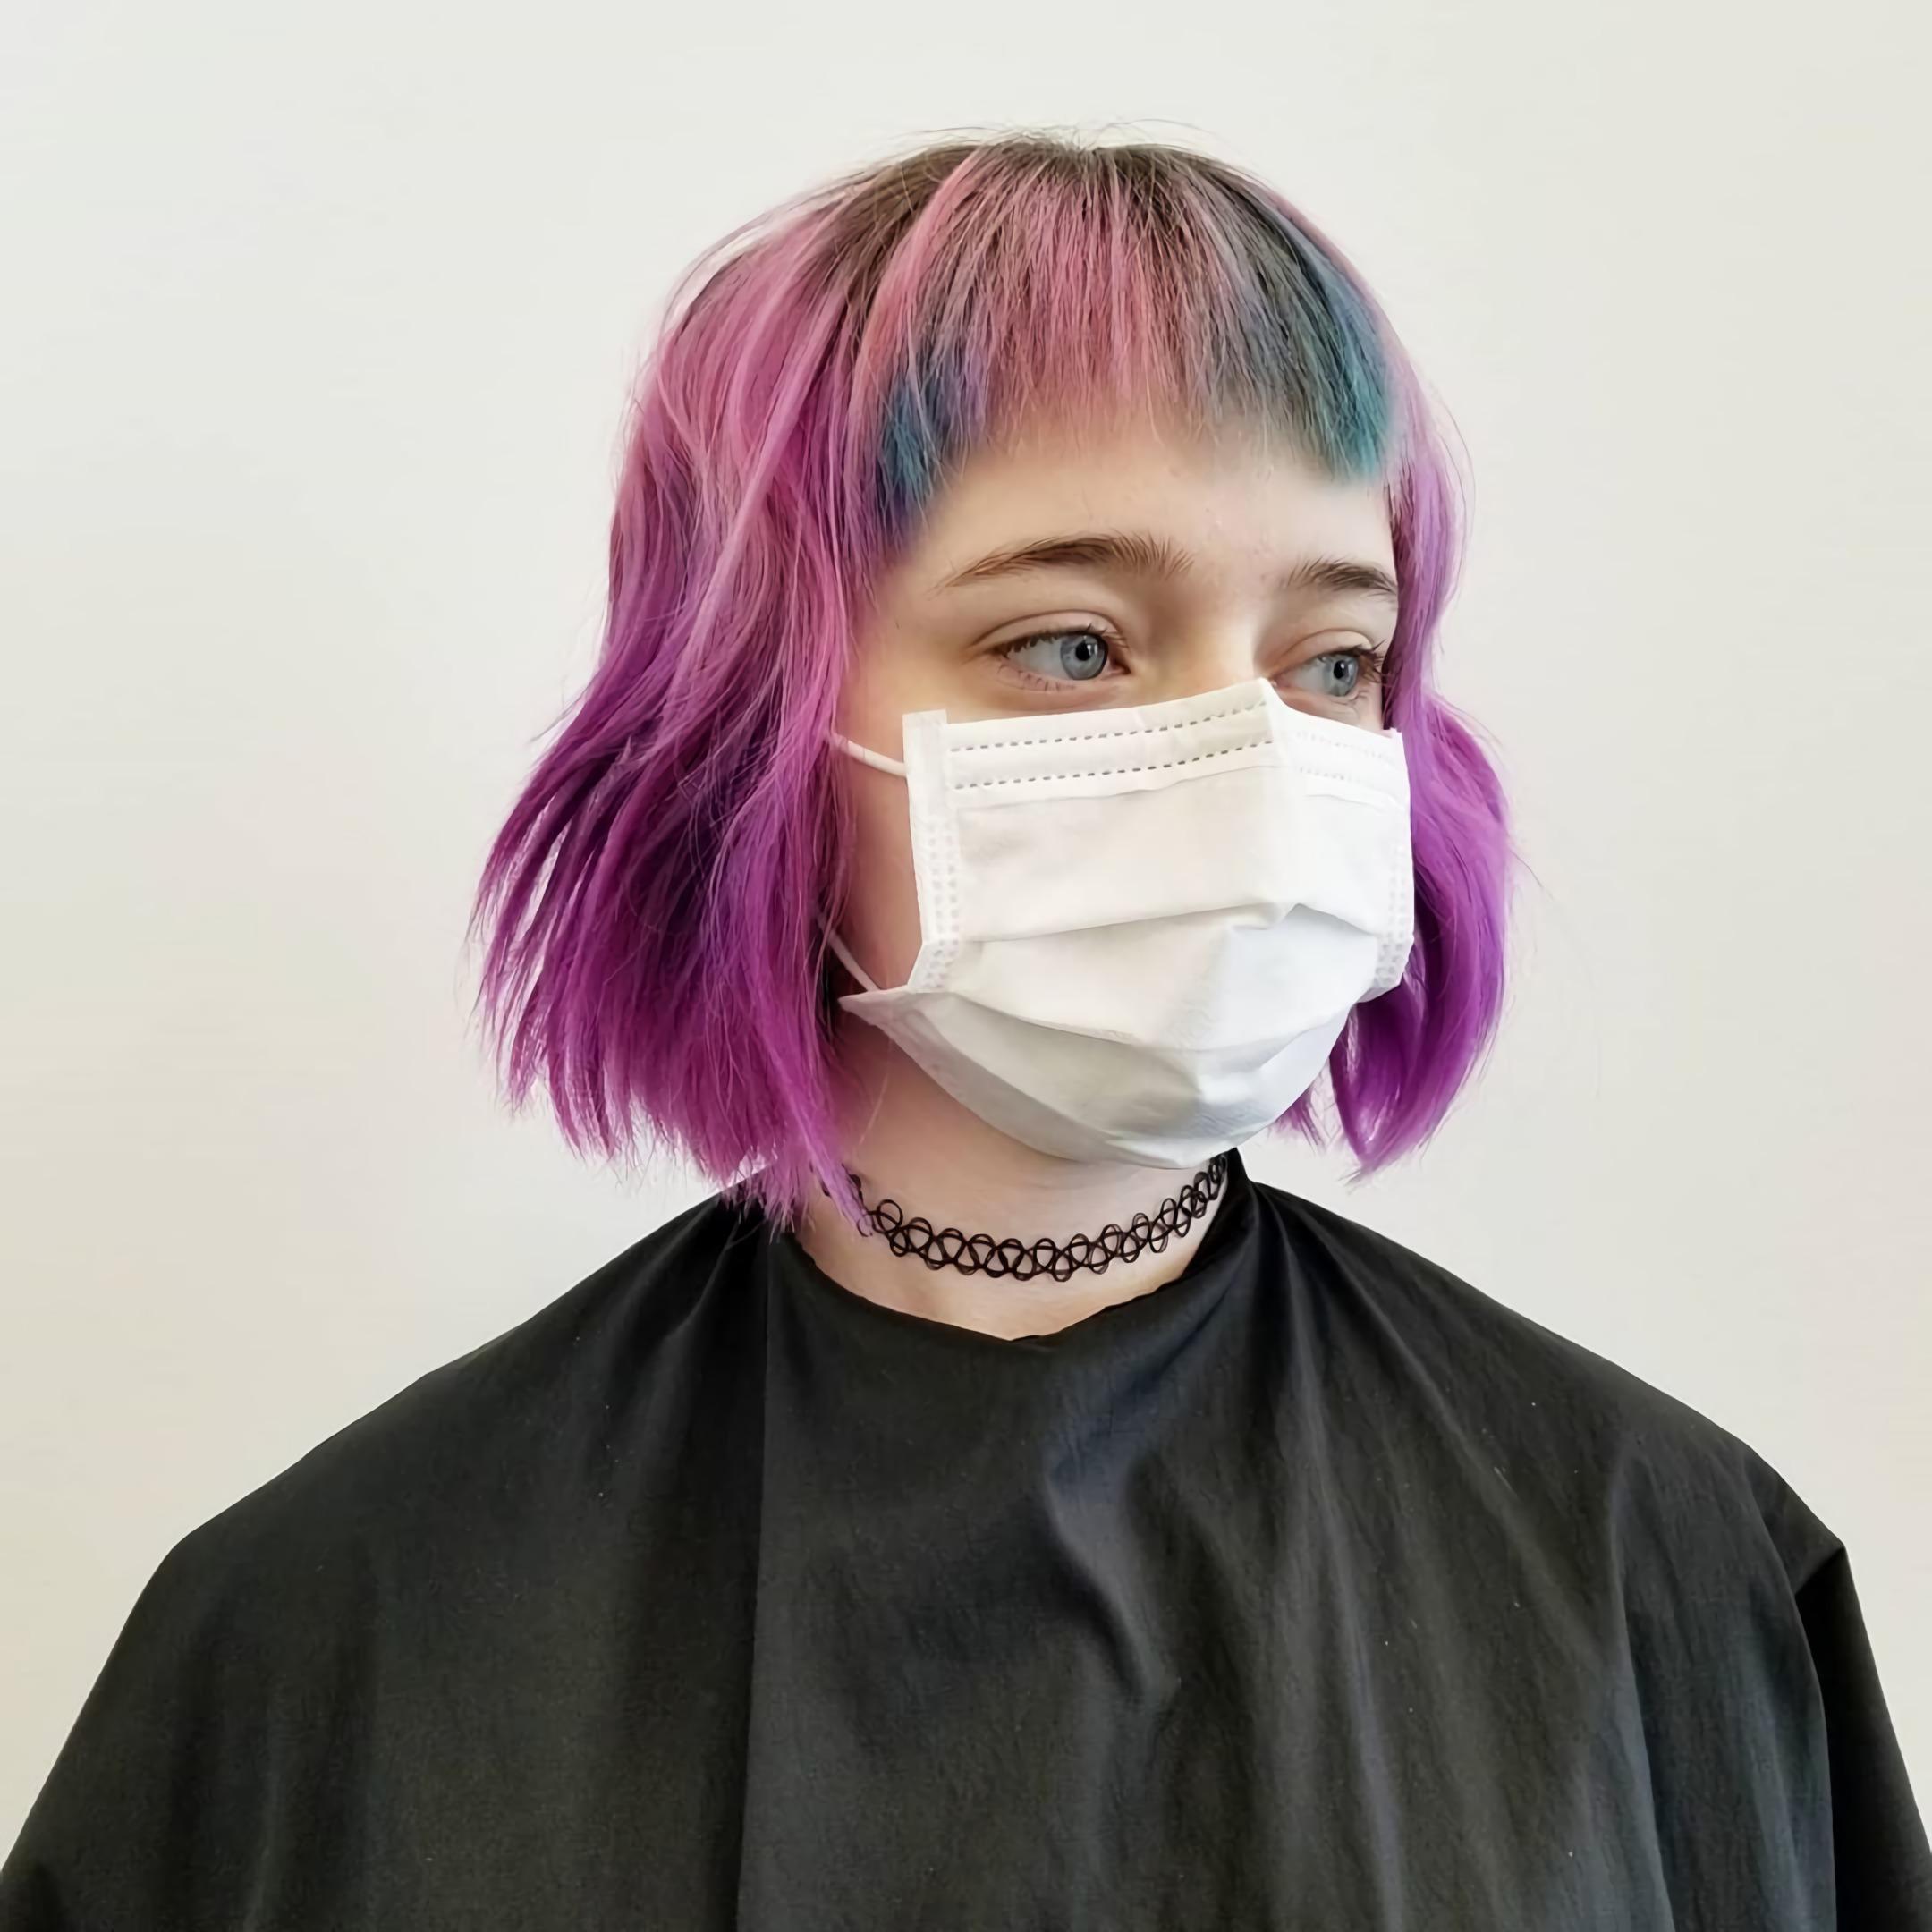 градуированный боб каре с челкой на цветные волосы